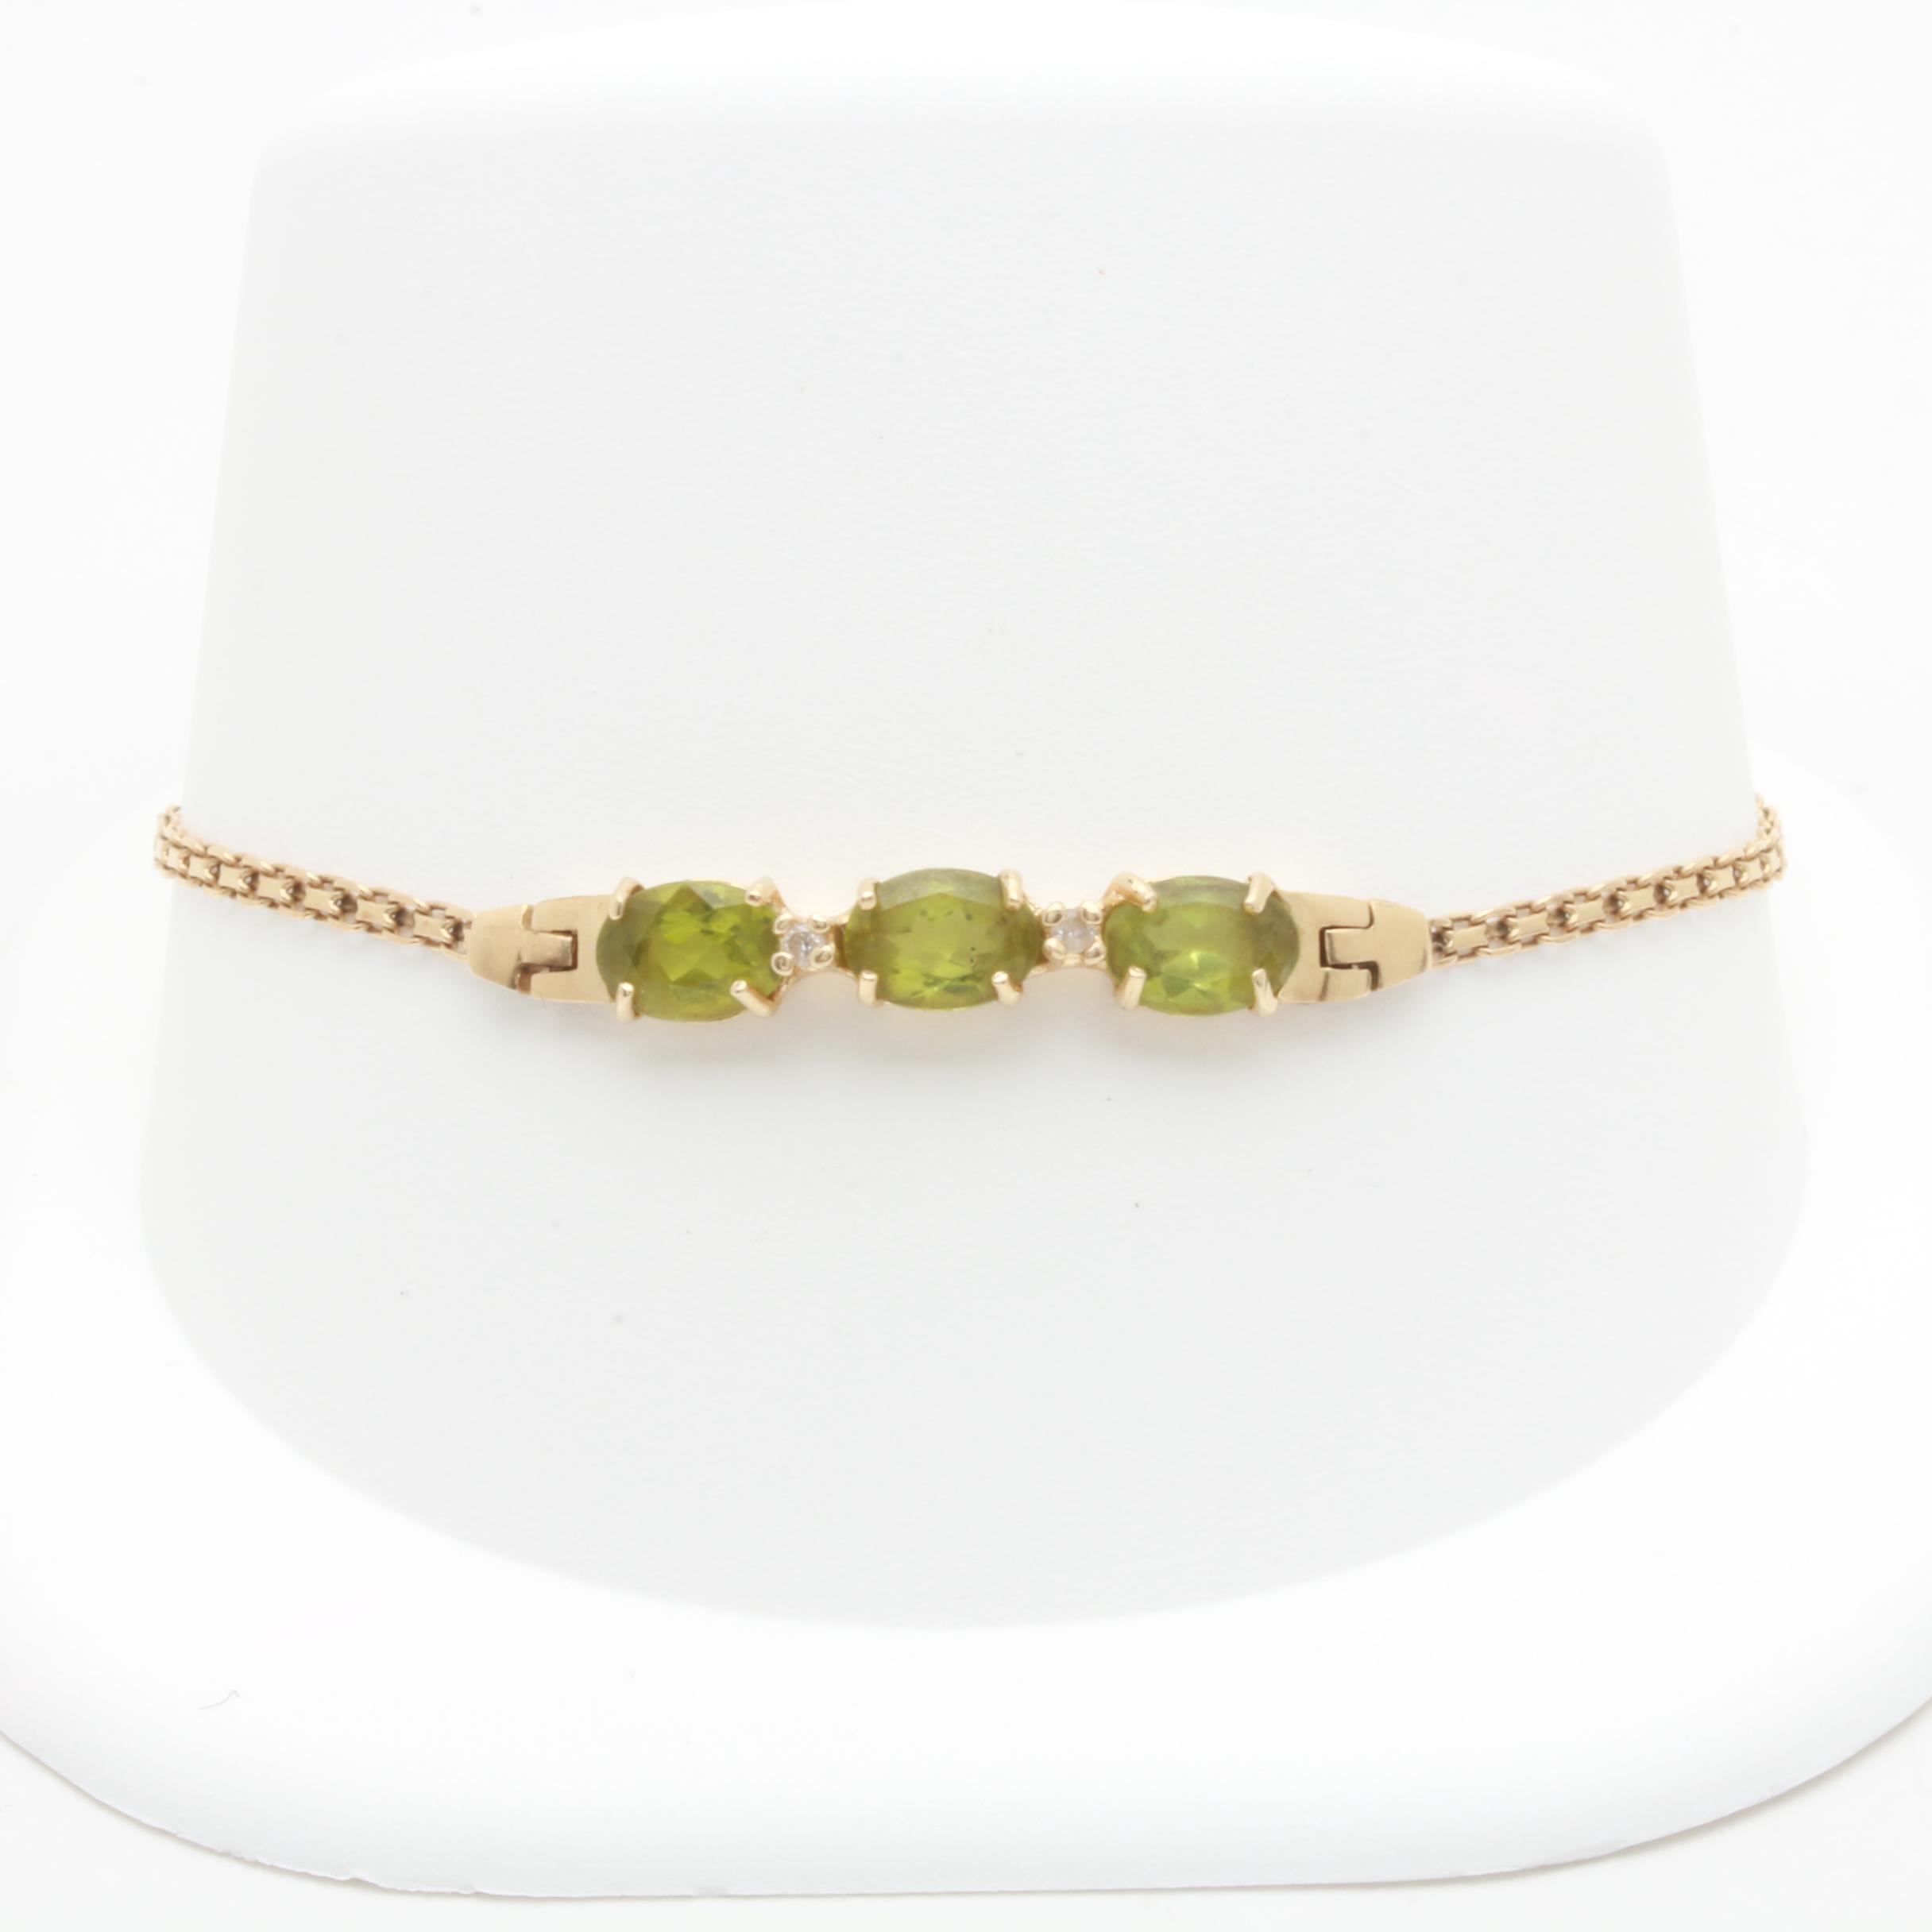 14K Yellow Gold Peridot and Diamond Bracelet